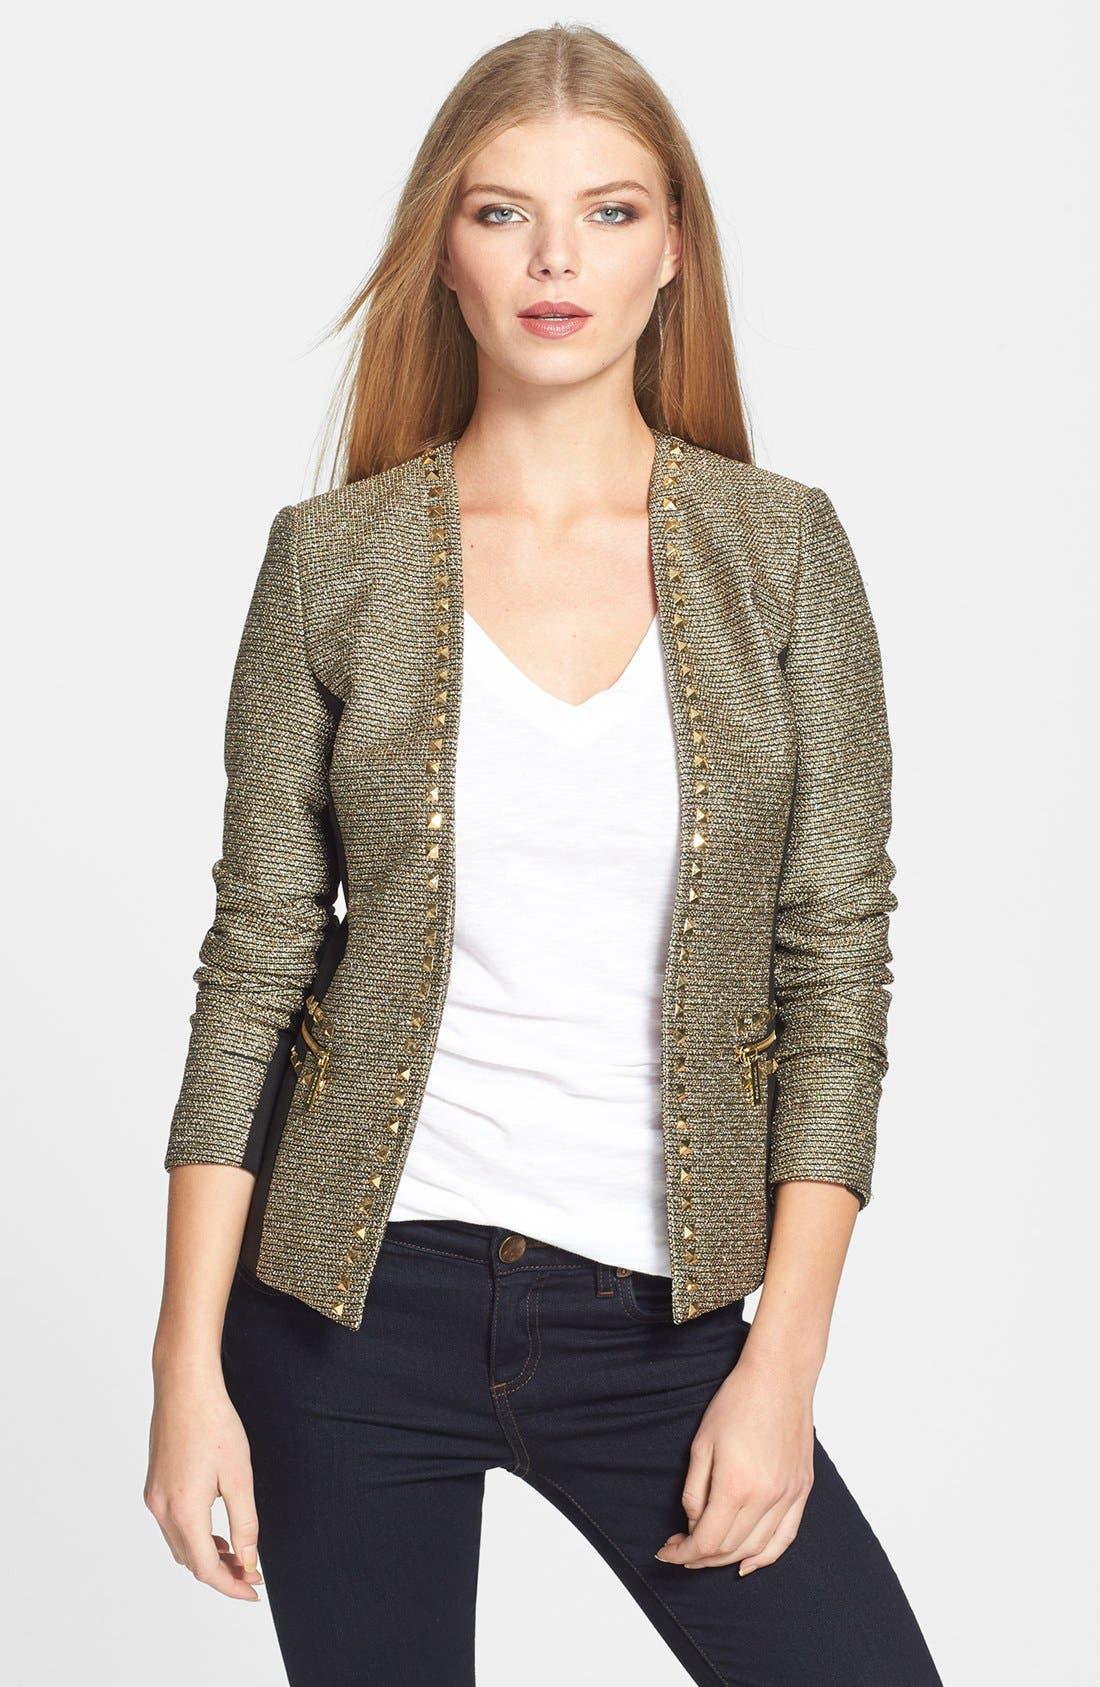 Main Image - MICHAEL Michael Kors Metallic Tweed & Ponte Knit Jacket